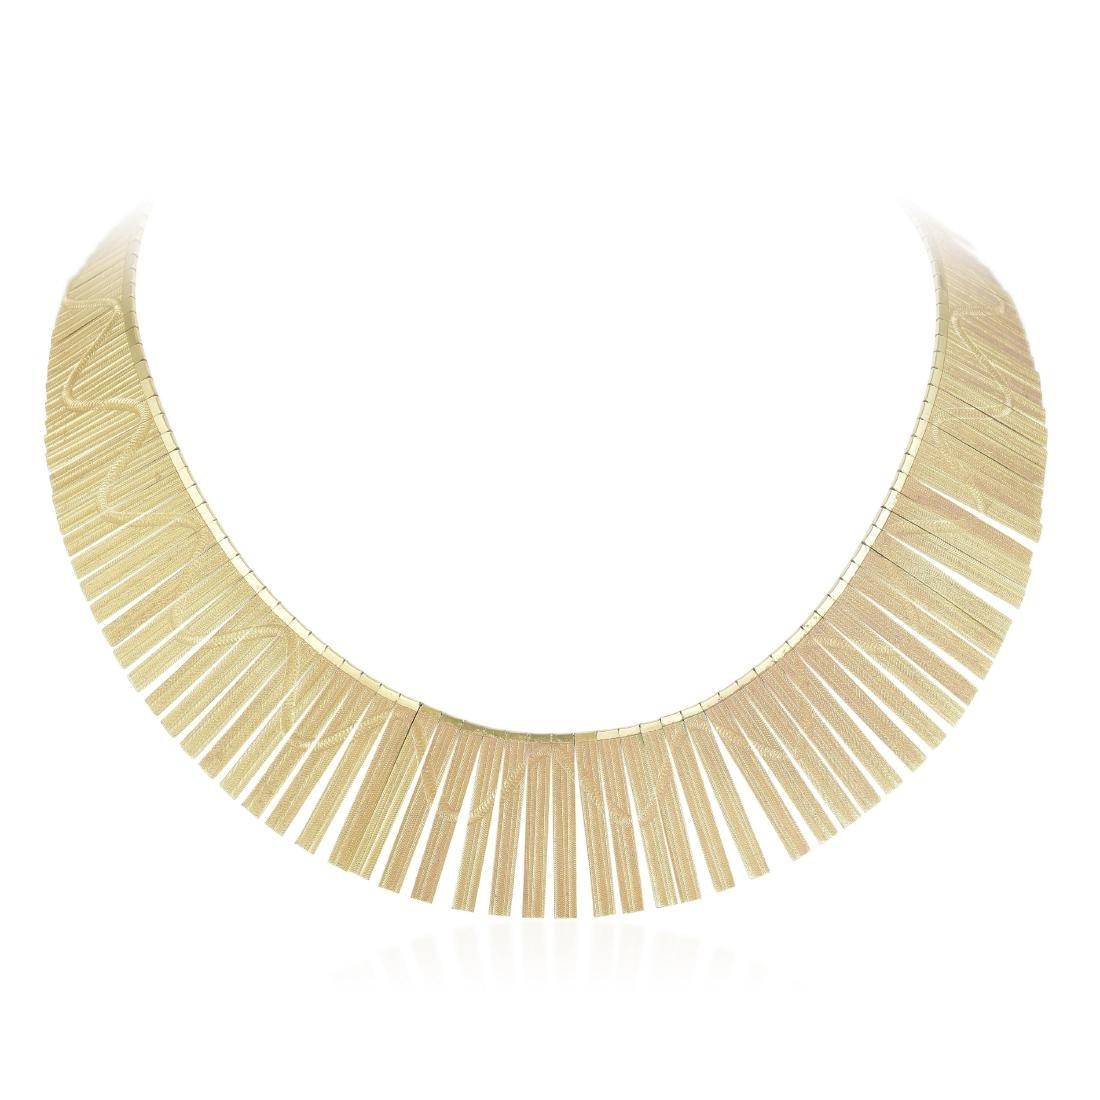 A Gold Fringe Necklace